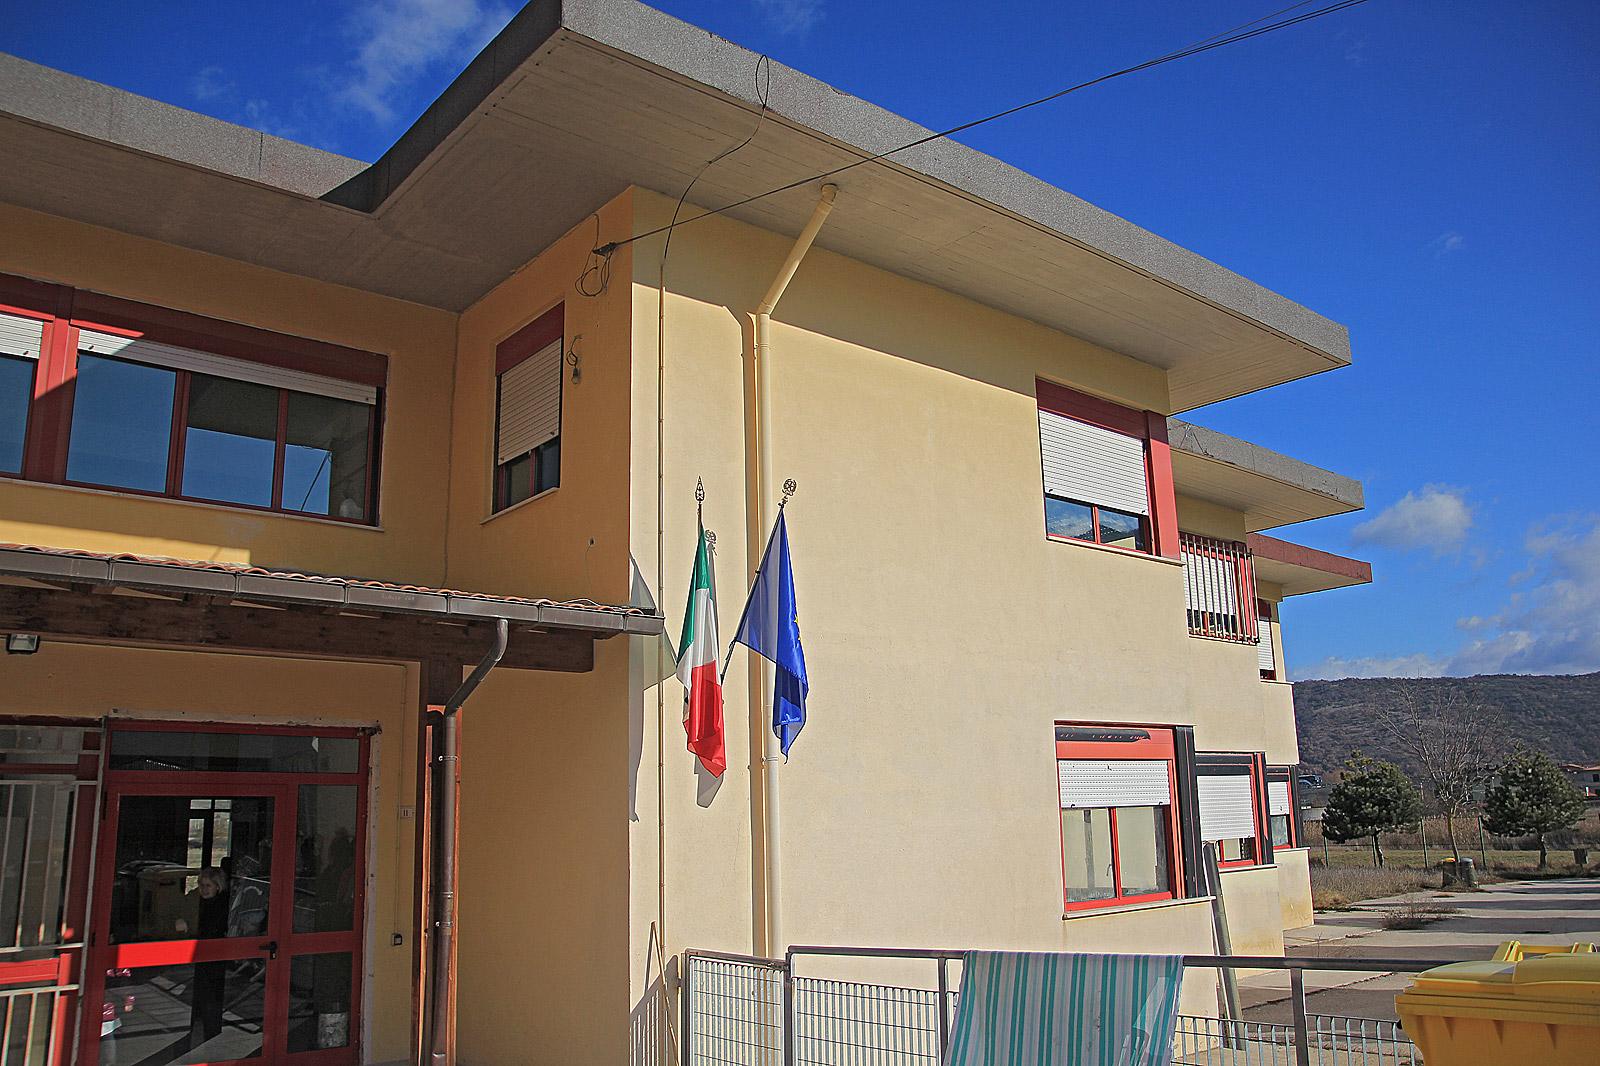 Lavori di adeguamento sismico nelle scuole, l'Amministrazione Ciciotti chiude il cerchio